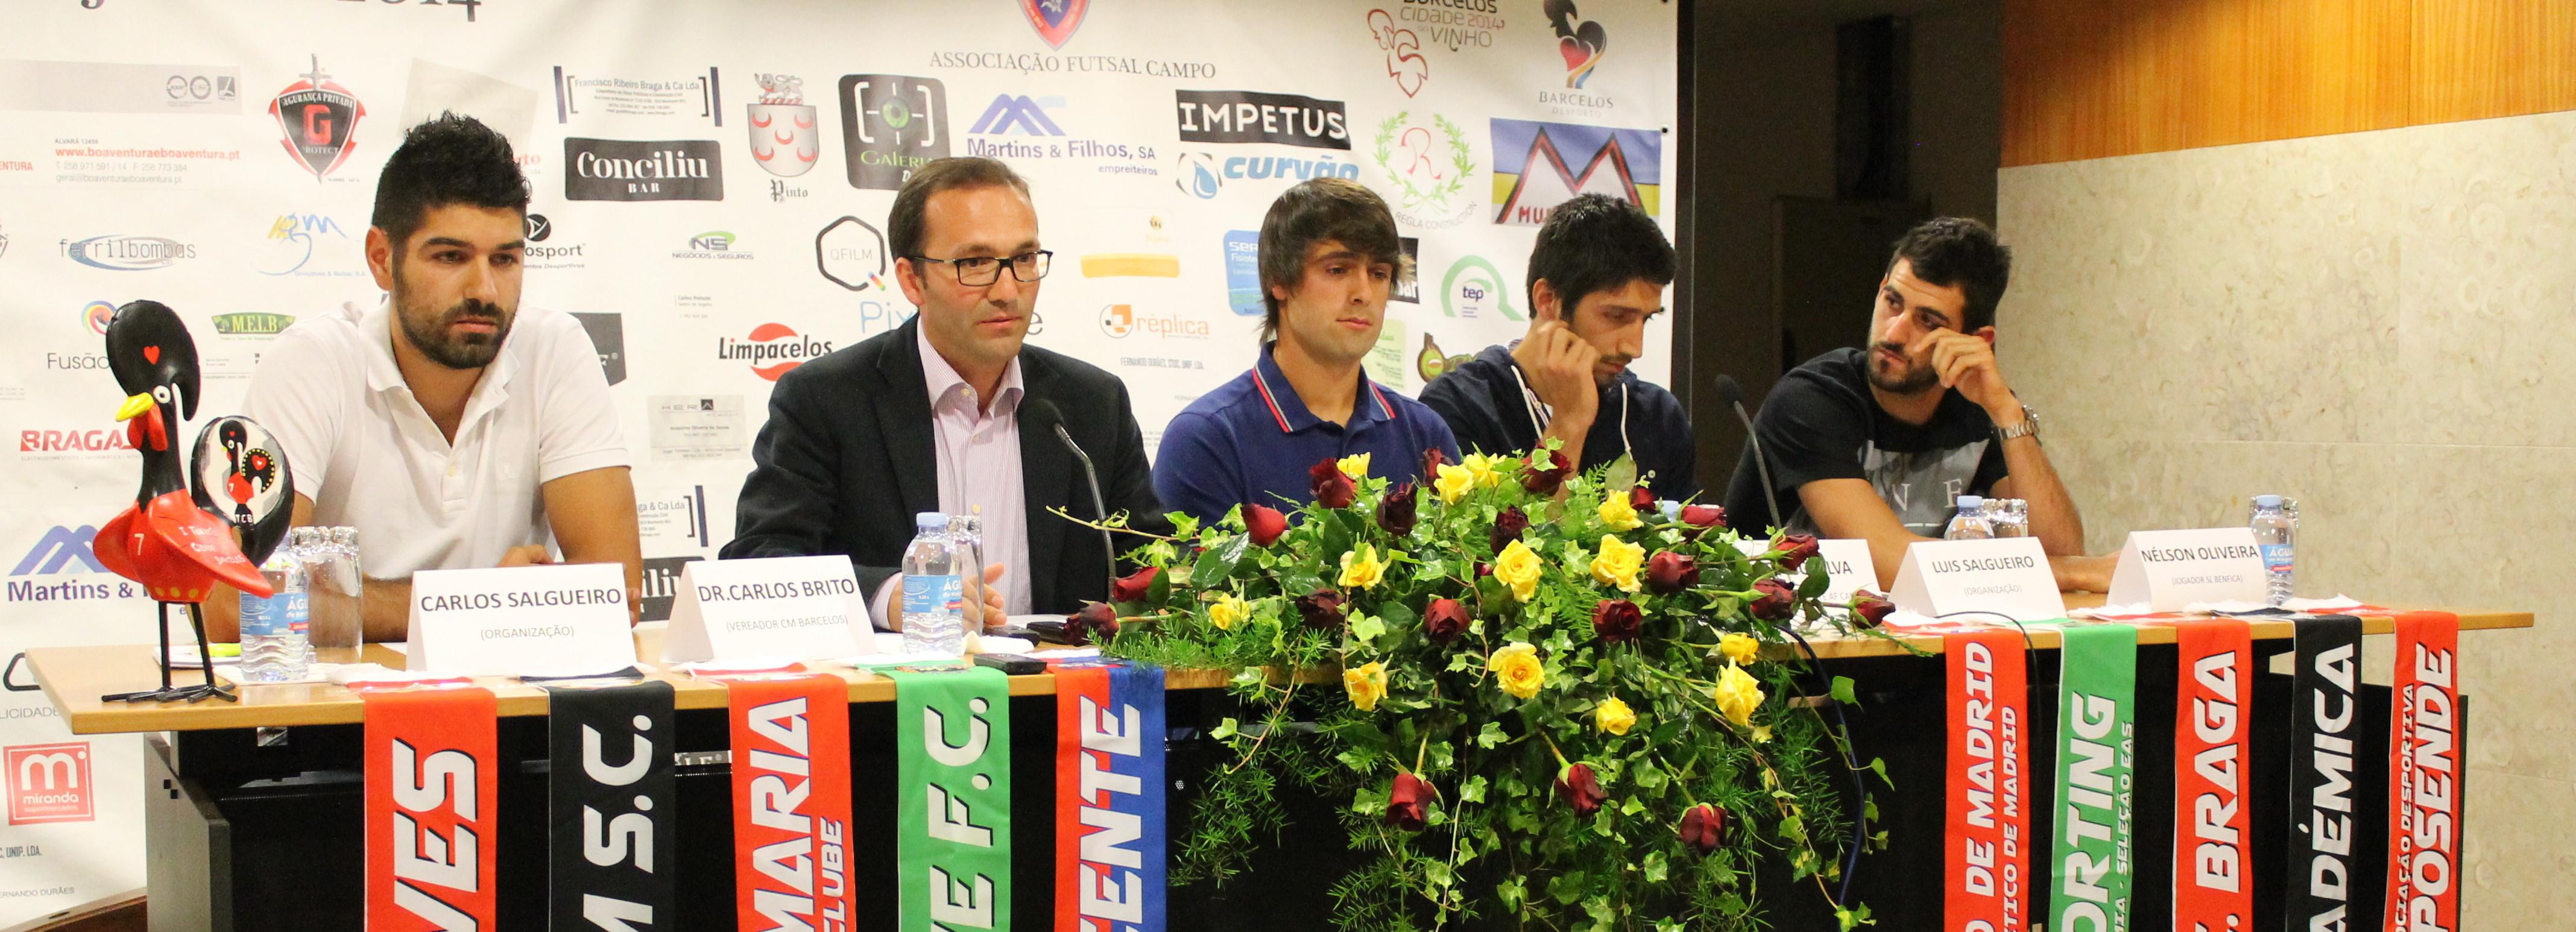 Torneio de futebol 7 em sub 13 vai juntar mais de 200 crianças no Estádio Cidade de Barcelos